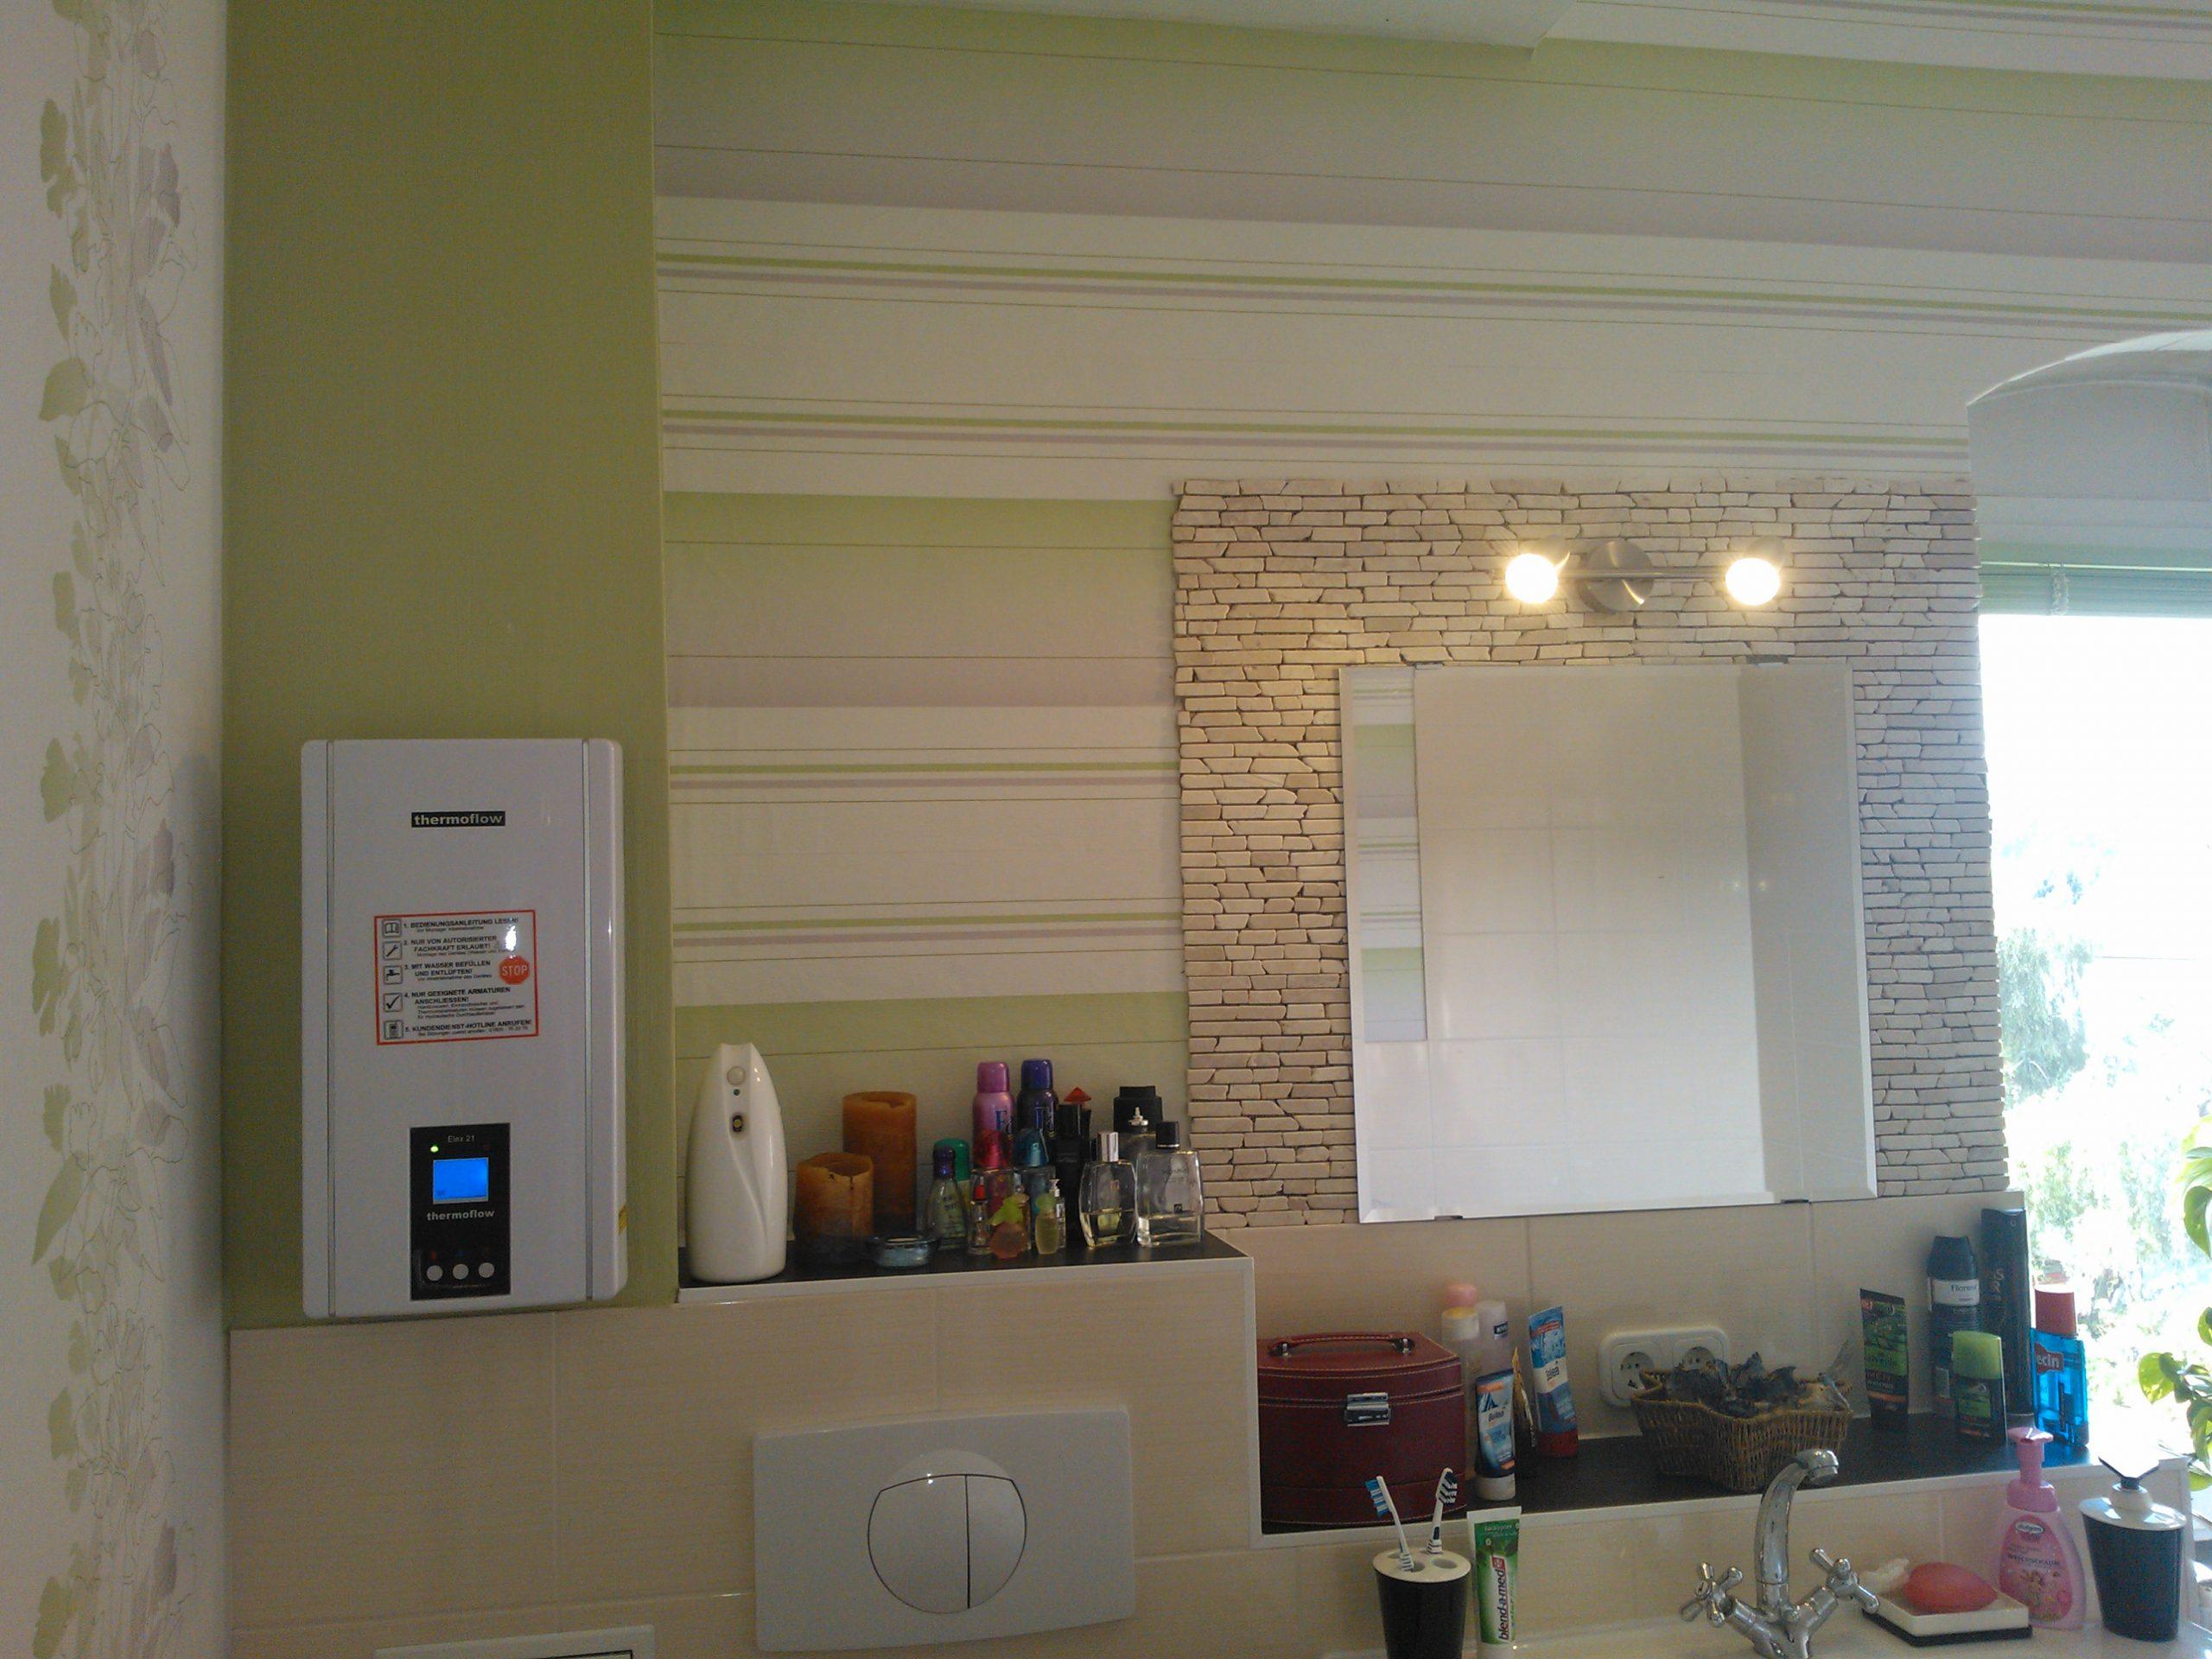 Full Size of Tapeten Ideen Schlafzimmer Für Küche Wohnzimmer Die Fototapeten Bad Renovieren Wohnzimmer Tapeten Ideen